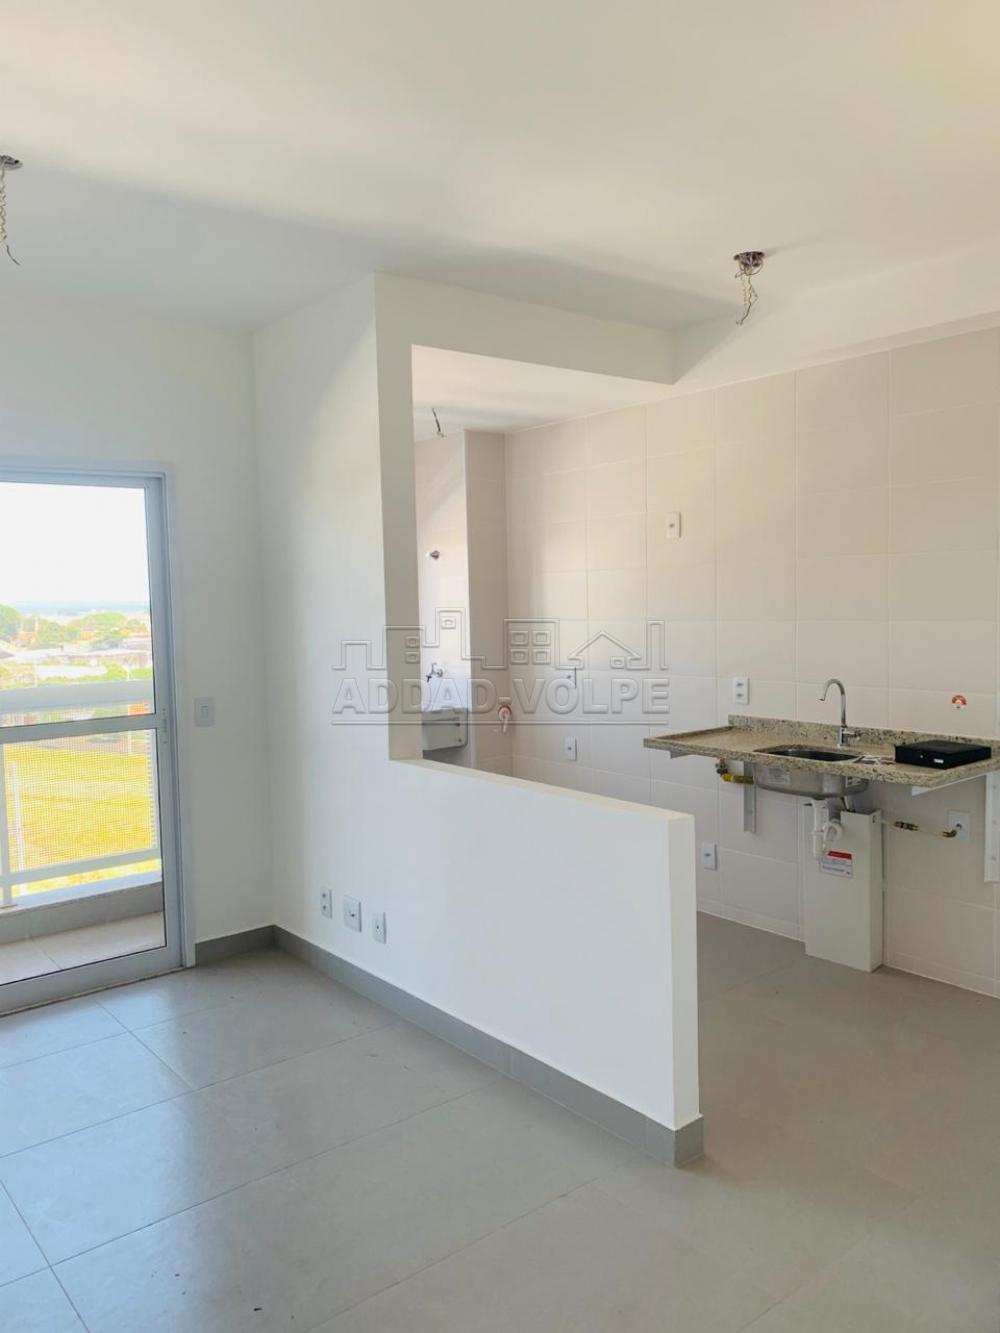 Comprar Apartamento / Padrão em Bauru R$ 345.000,00 - Foto 2